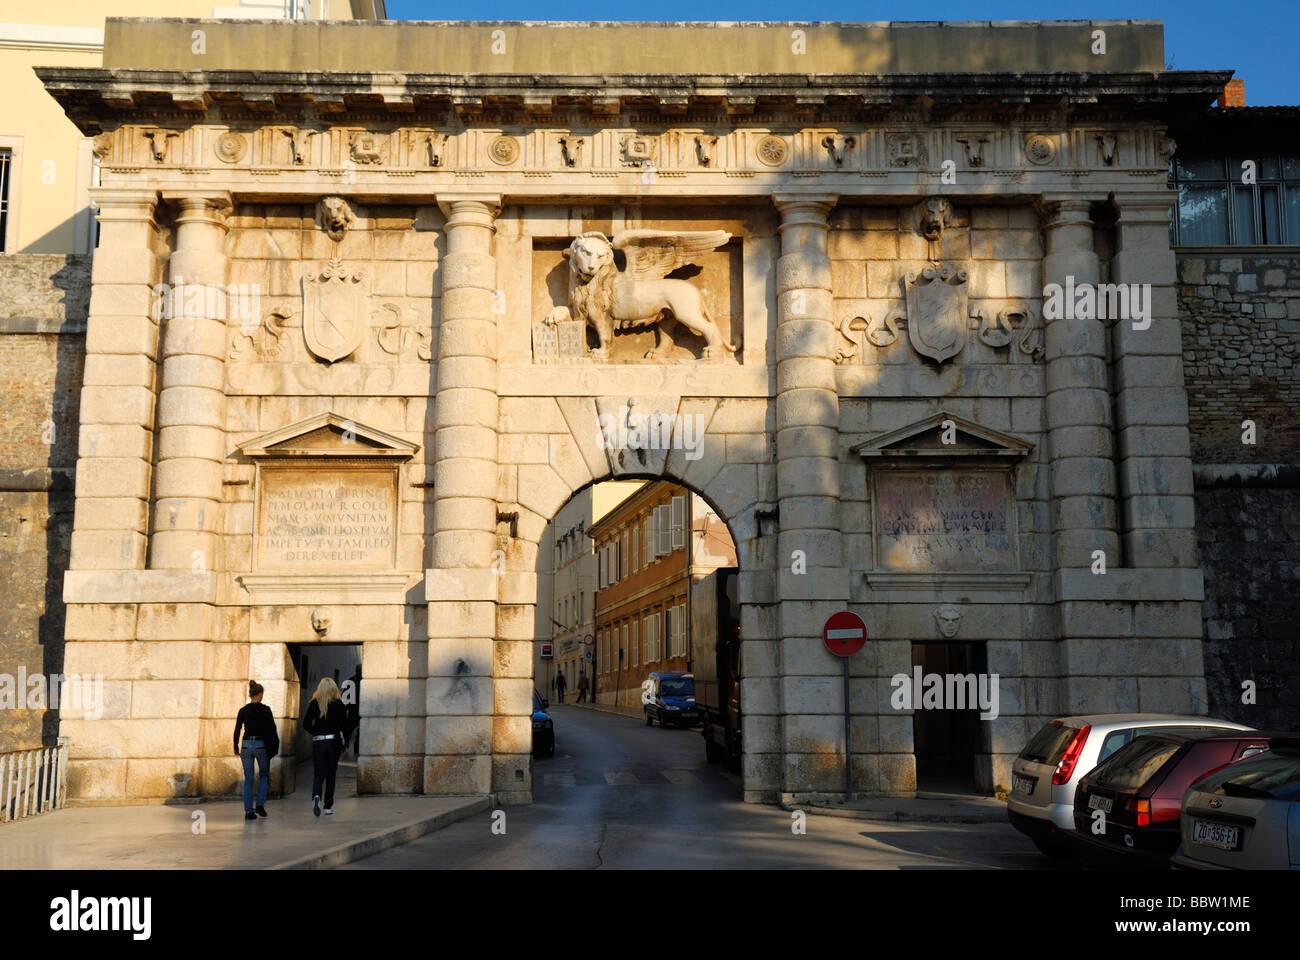 The Land Gate at Zadar on Dalmatian Coast of Croatia - Stock Image